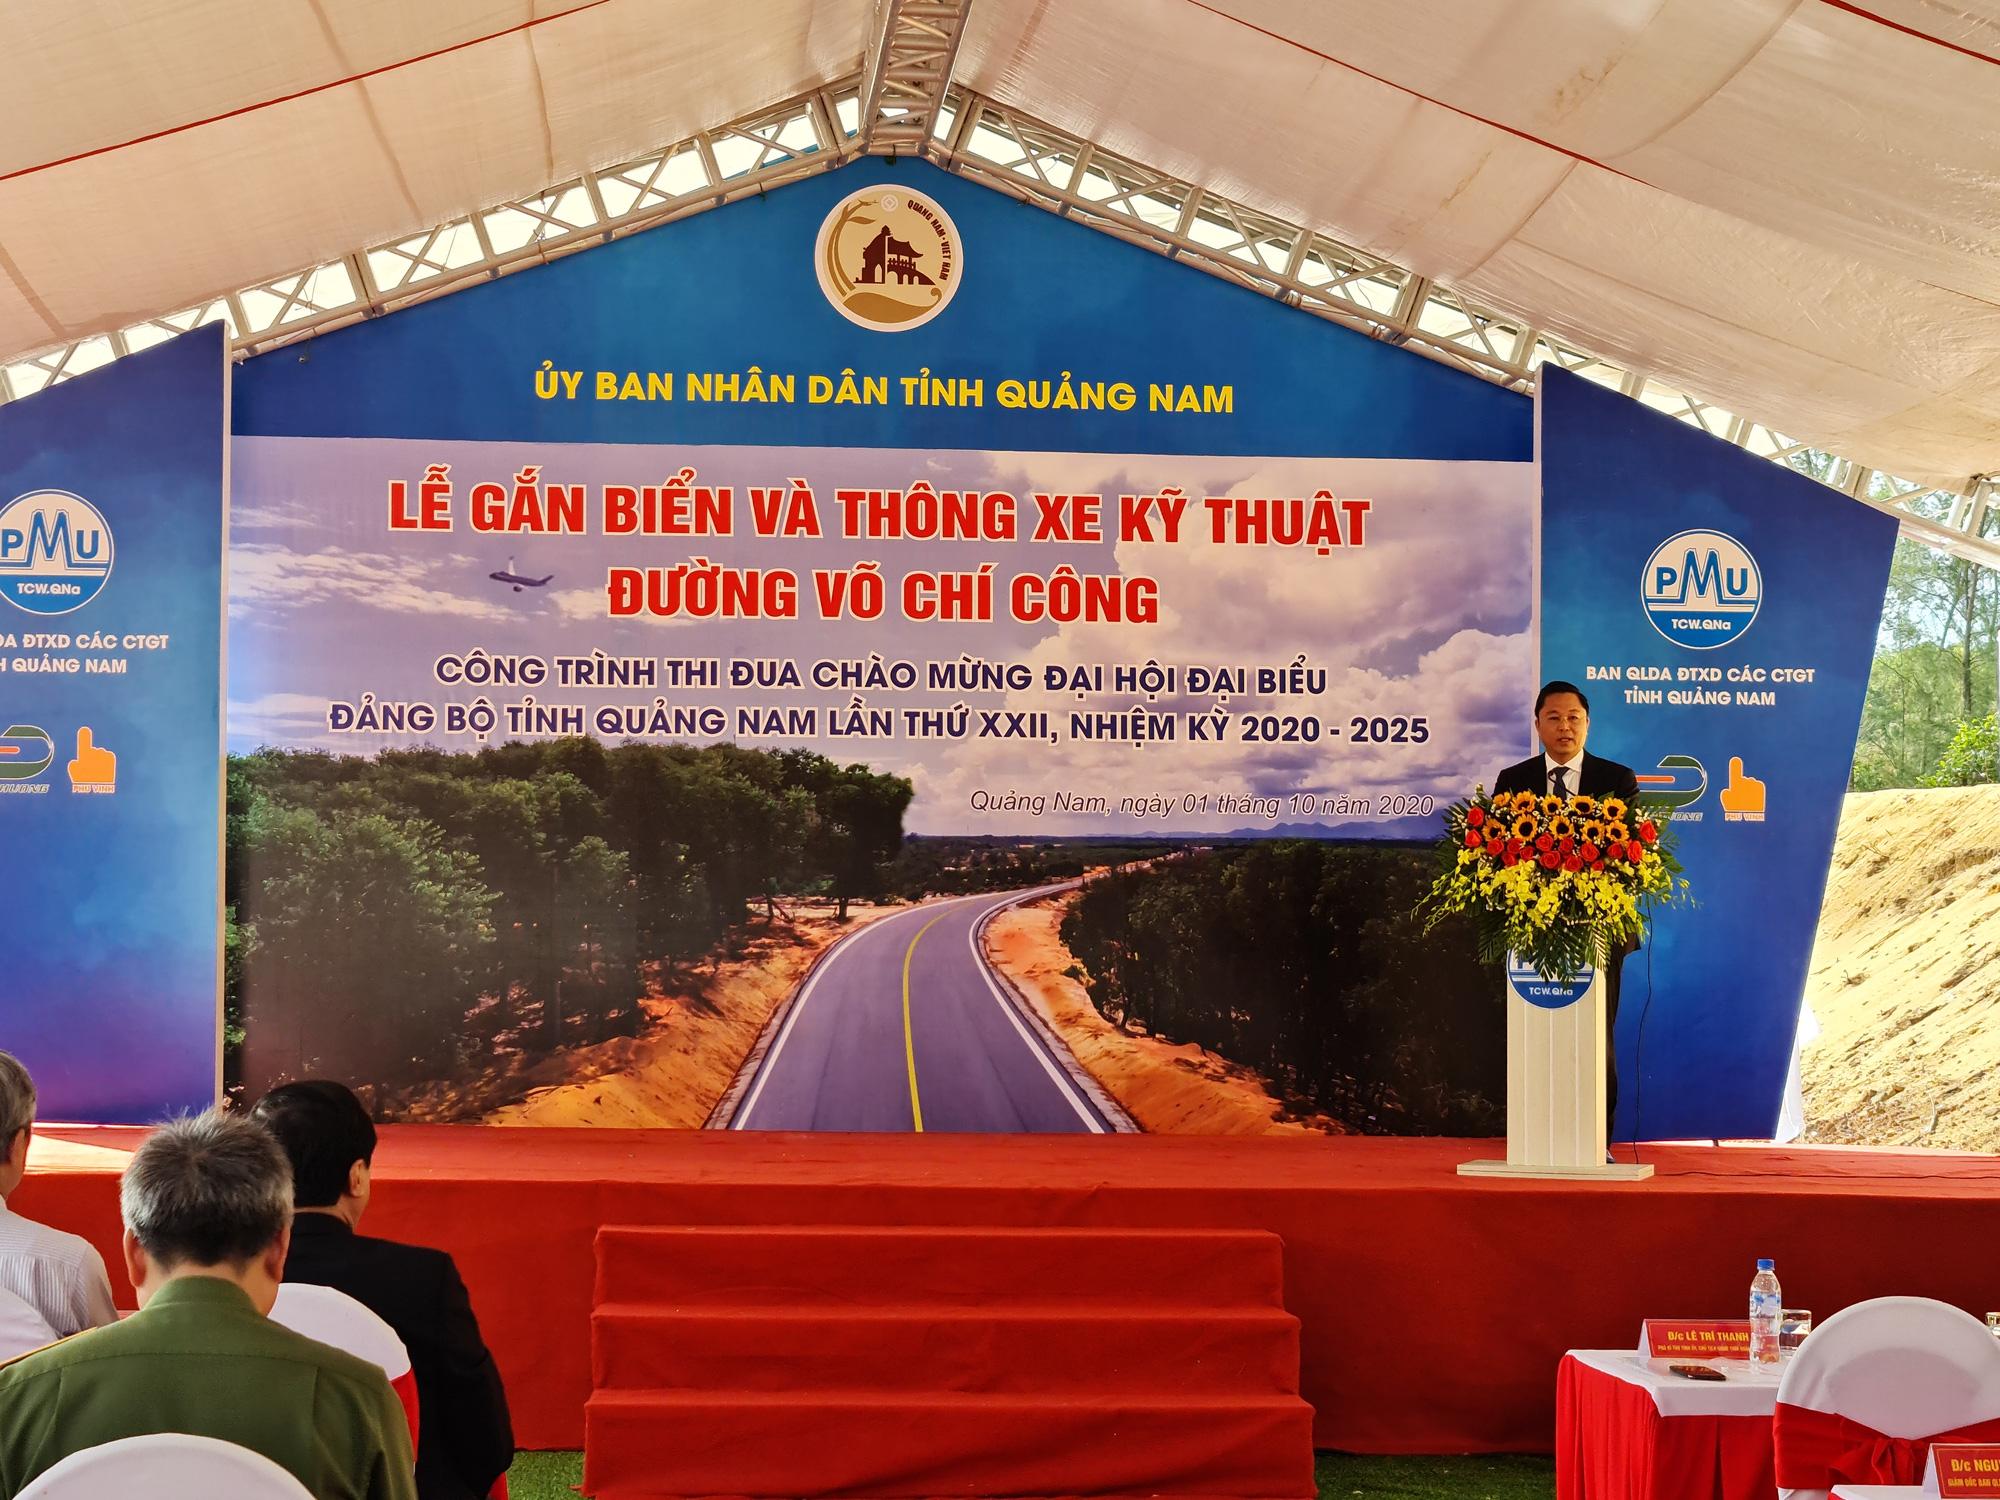 Quảng Nam: Thông xe kỹ thuật tuyến đường vào sân bay Chu Lai với vốn đầu tư 1.479 tỷ đồng - Ảnh 1.